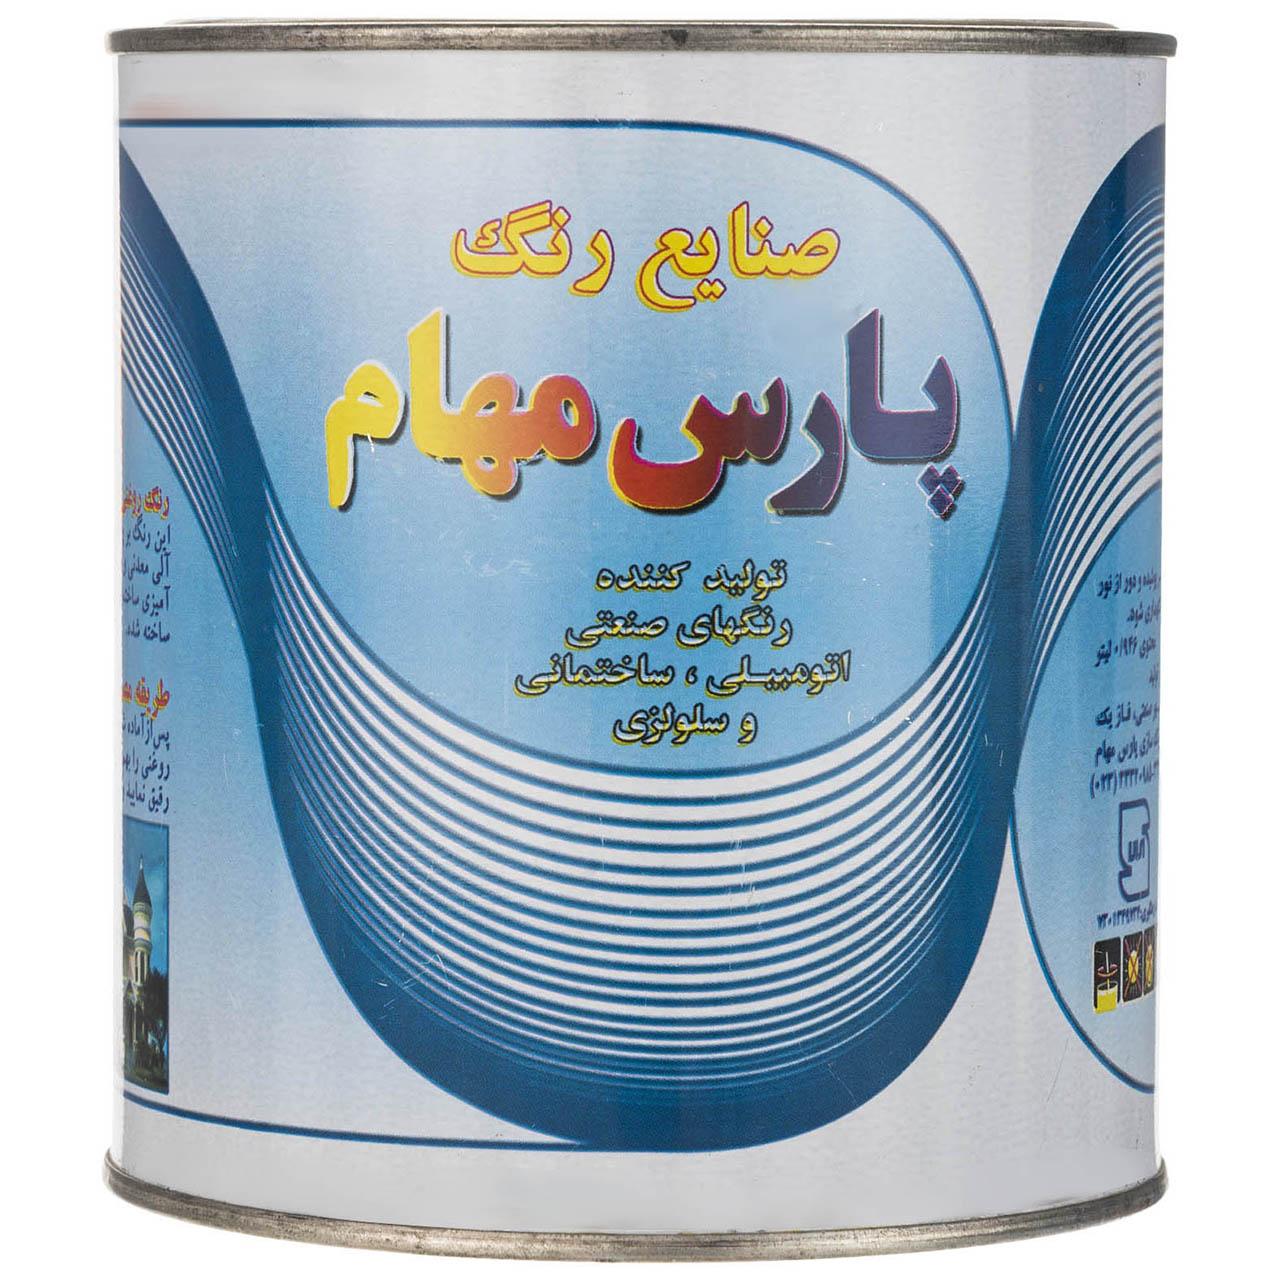 قیمت قوطی رنگ نارنجی براق پارس مهام کد 755 حجم 946 میلی لیتر